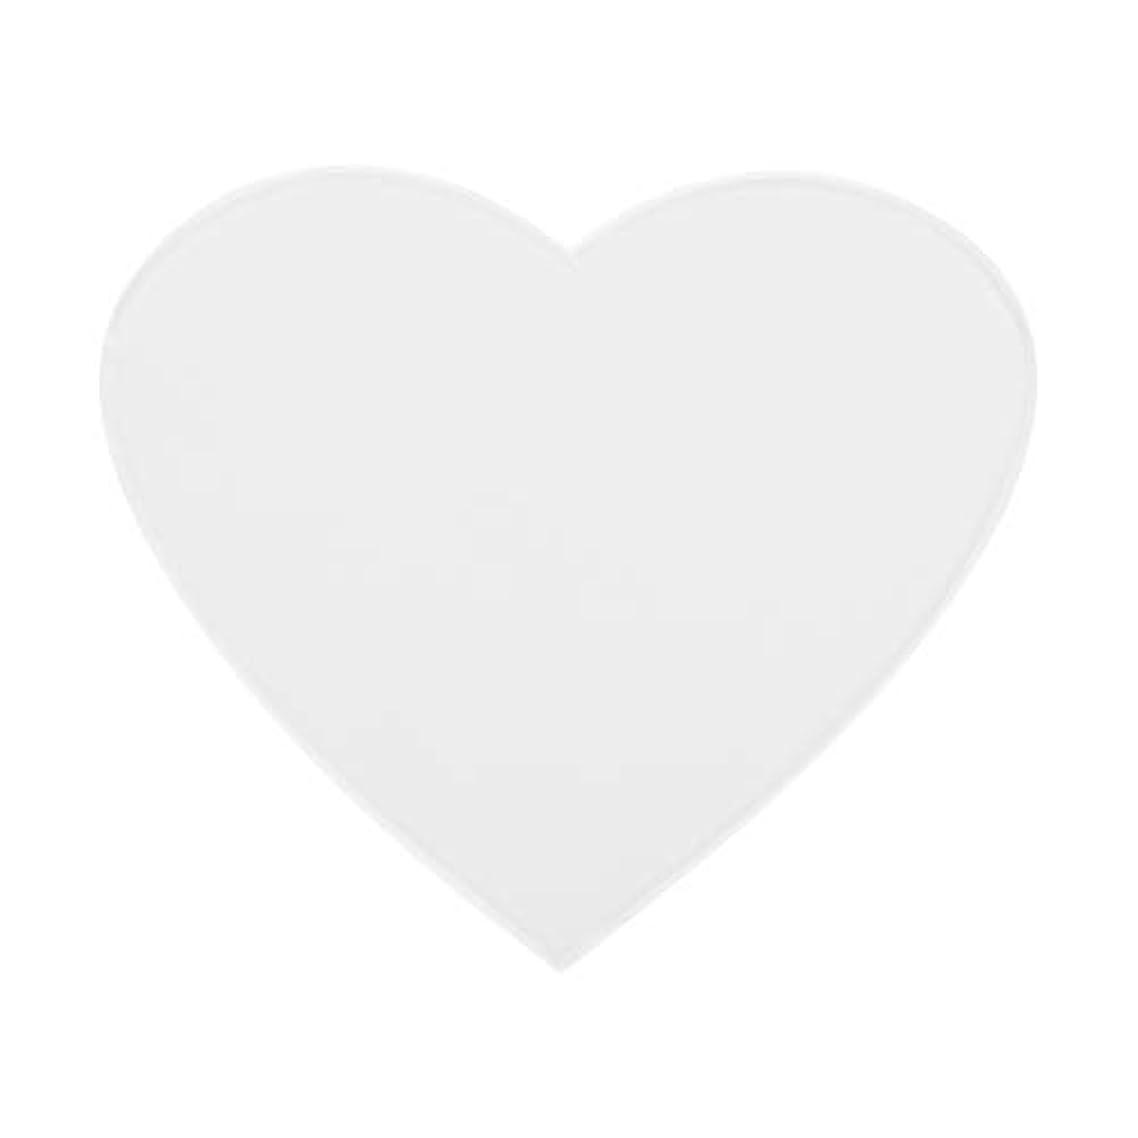 二今後しわアンチリンクルシリコンチェストパッドケア再利用可能パッド(心臓)